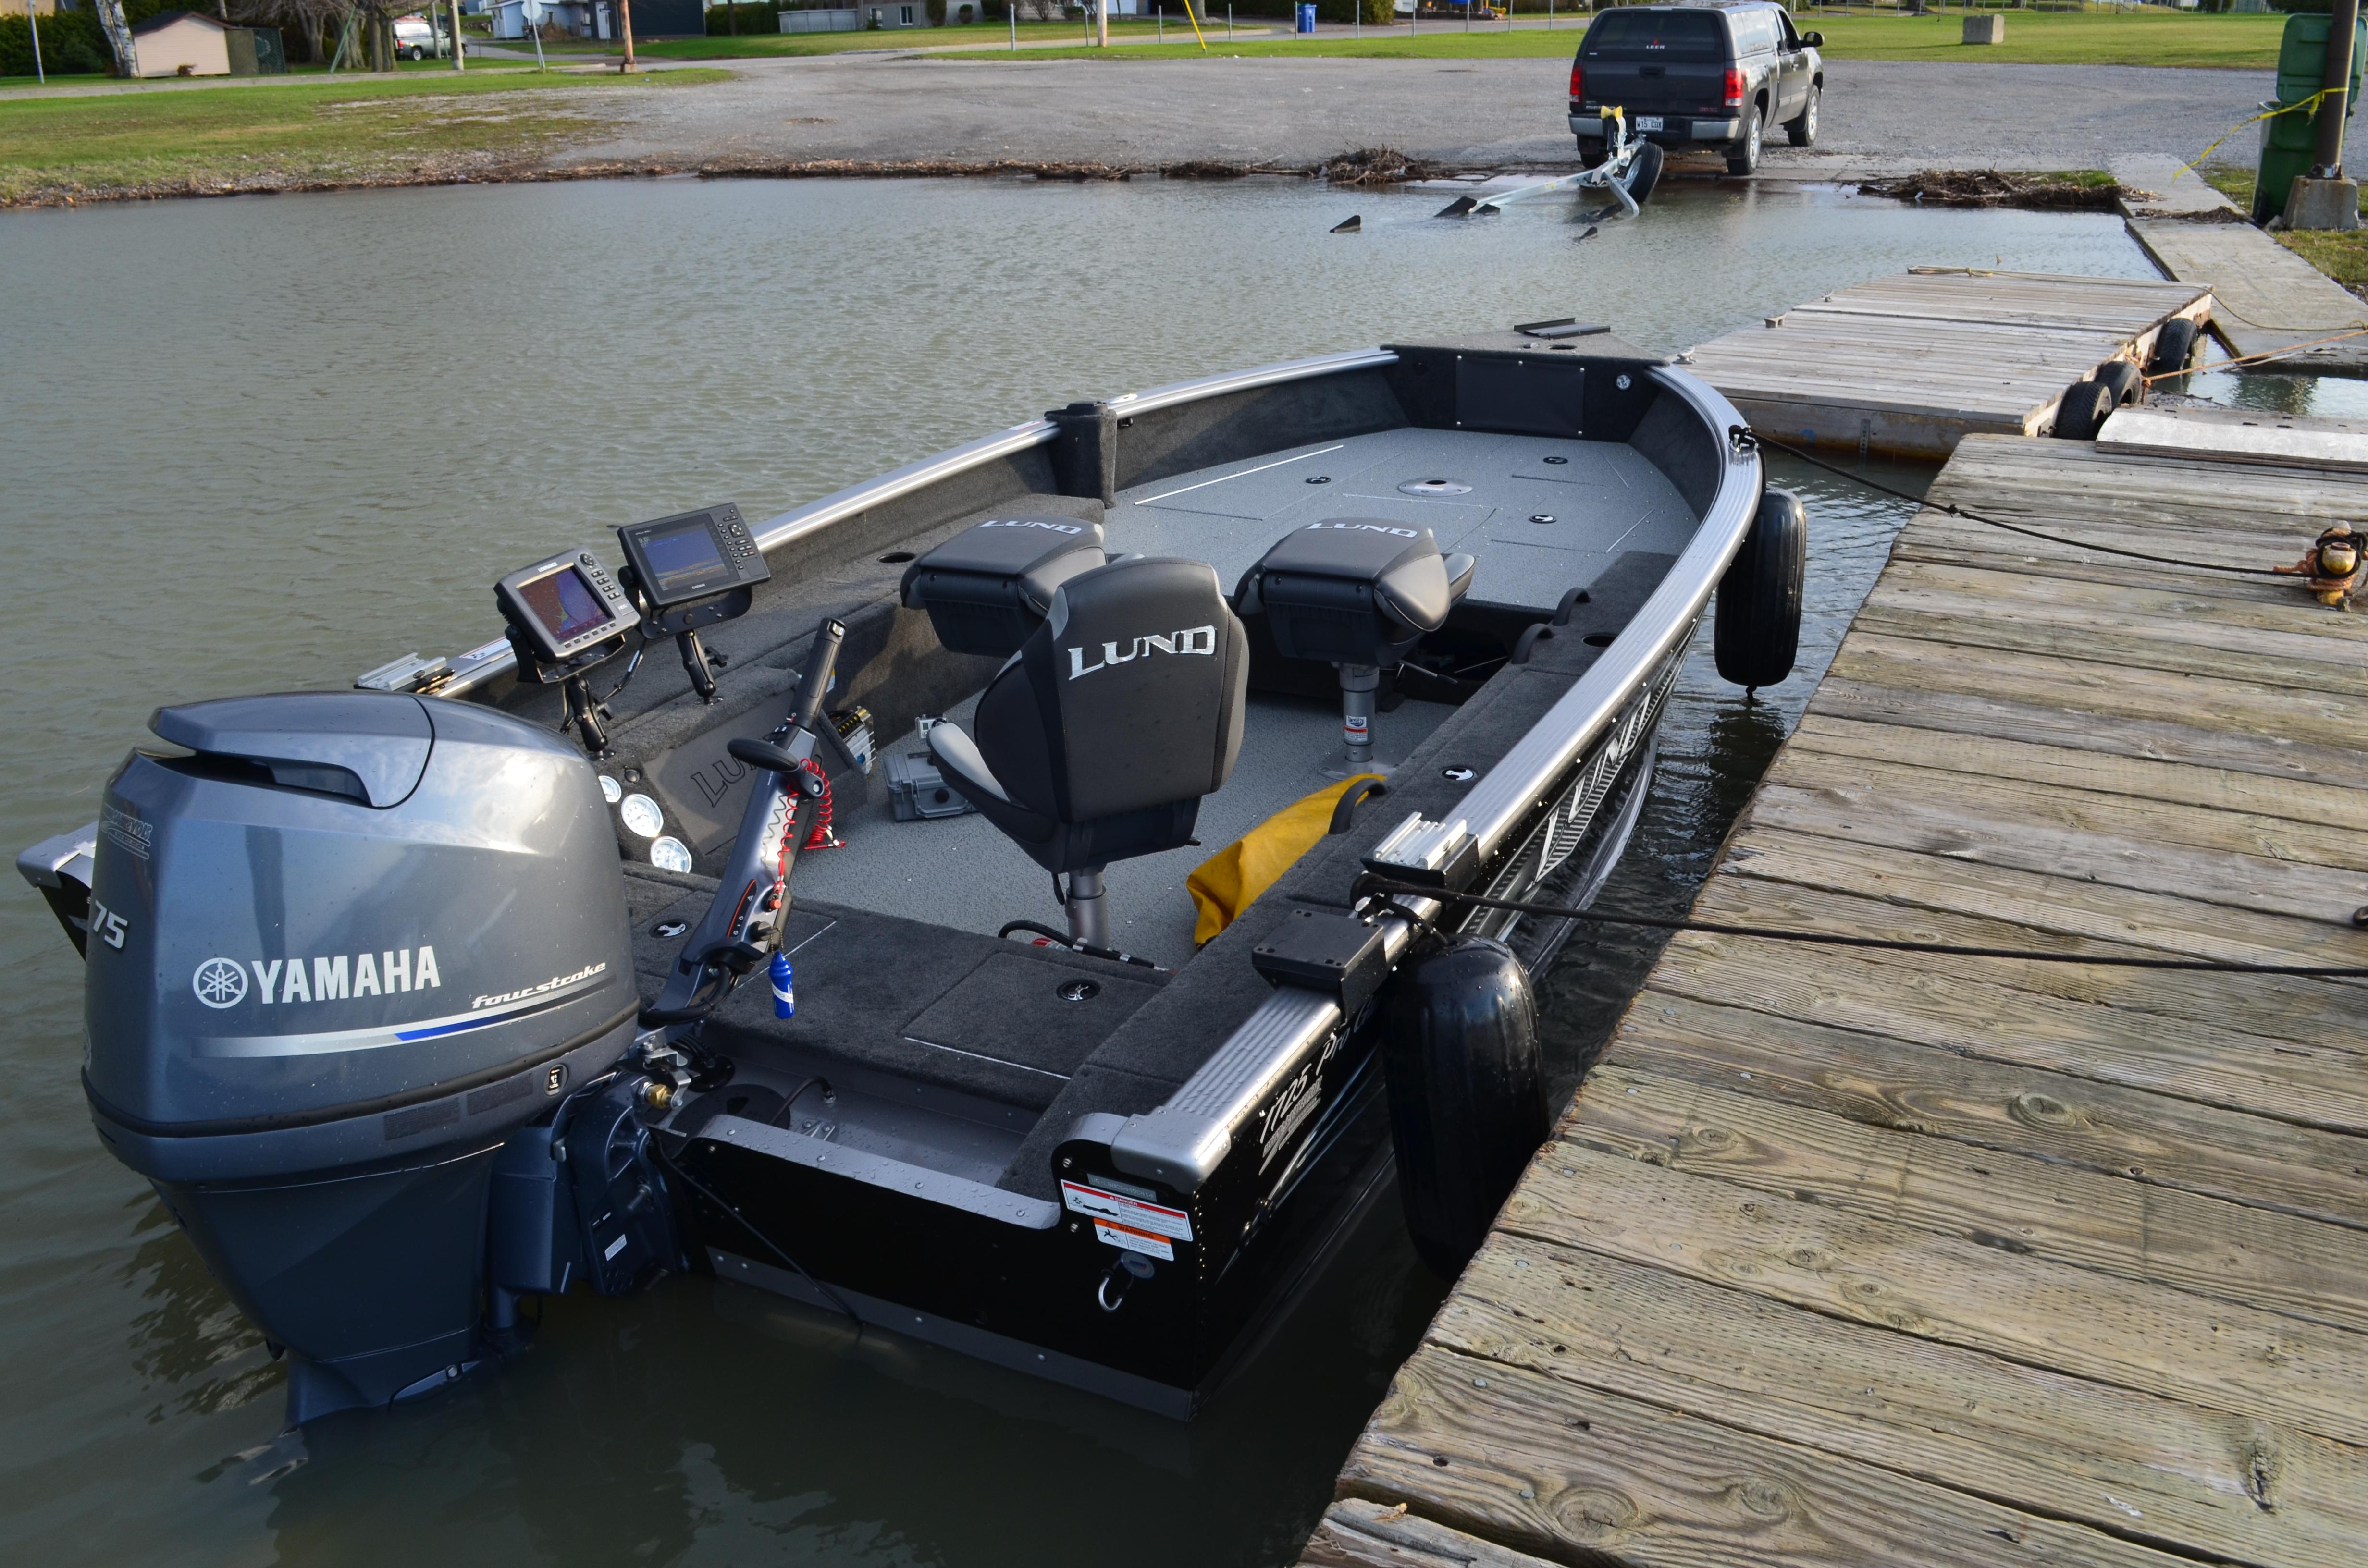 bateau peche lund